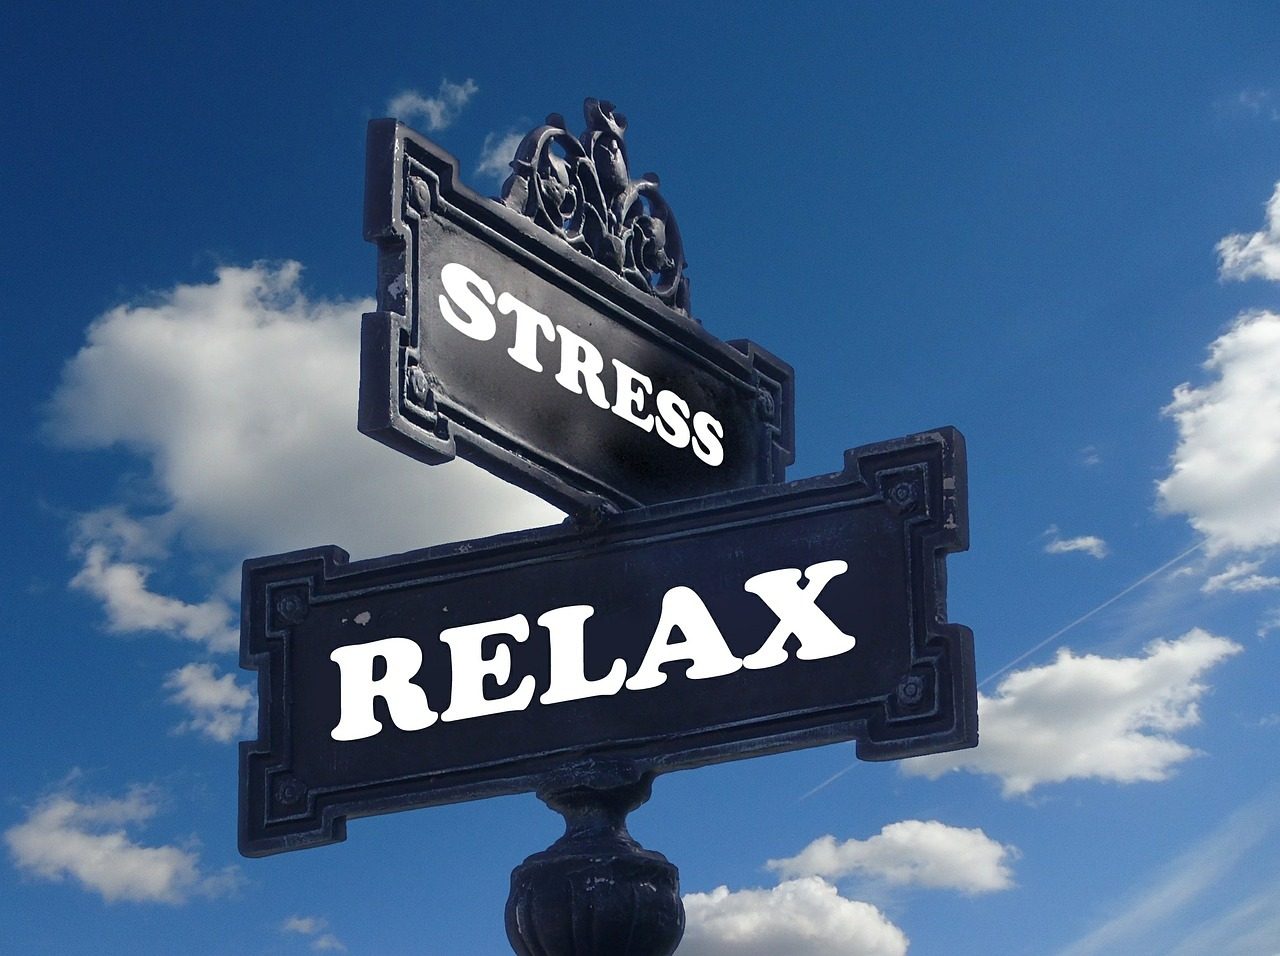 To skilt som viser veien til Sress og relax